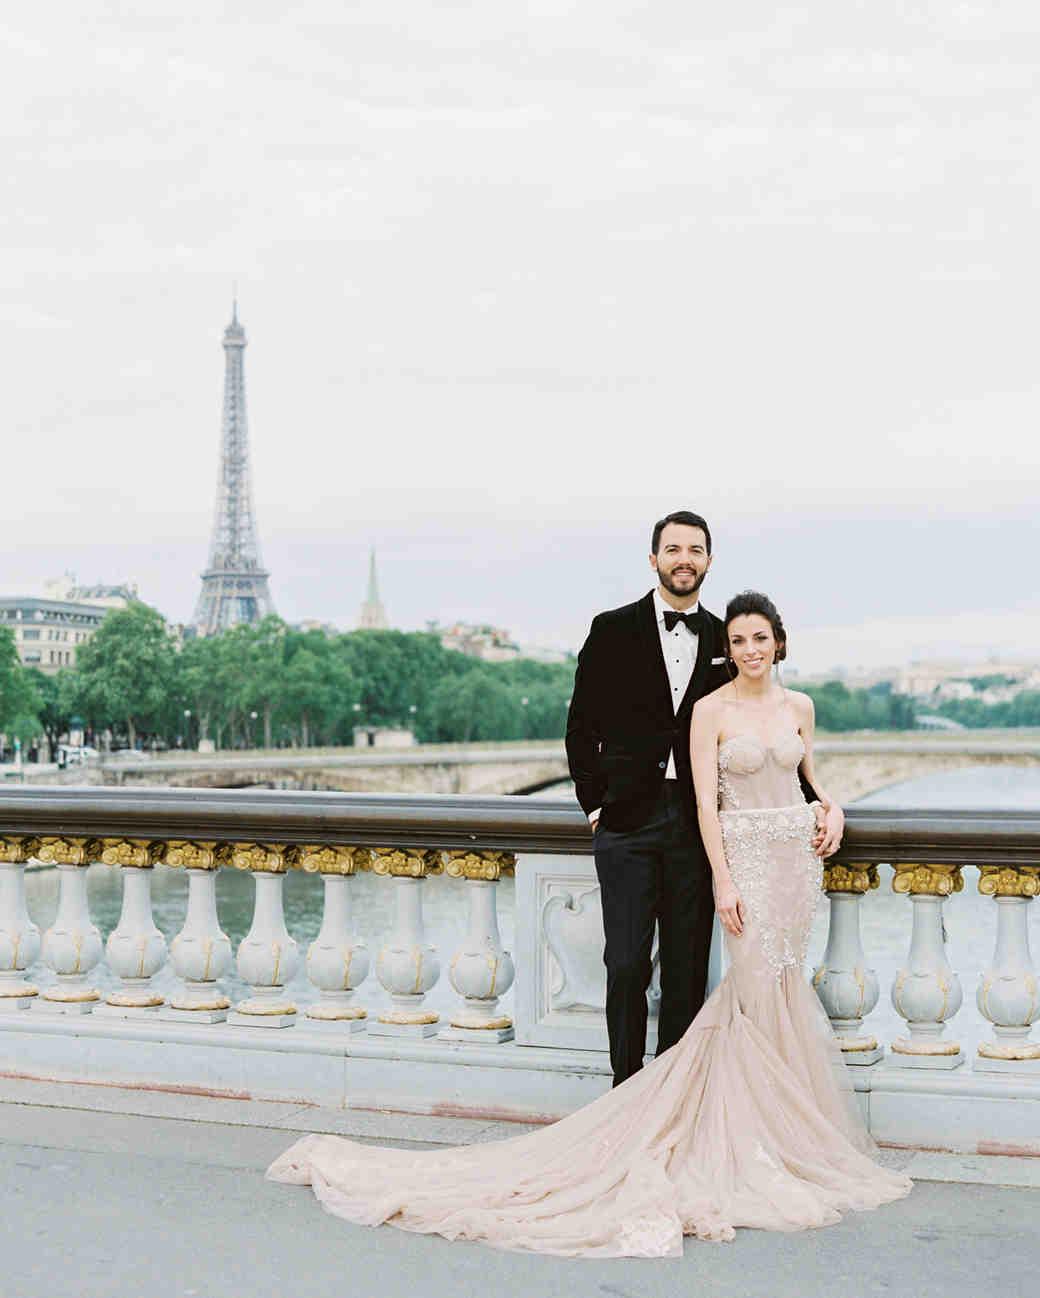 668e09cda59e 20 Wedding Dresses Perfect for Destination Nuptials | Martha Stewart ...